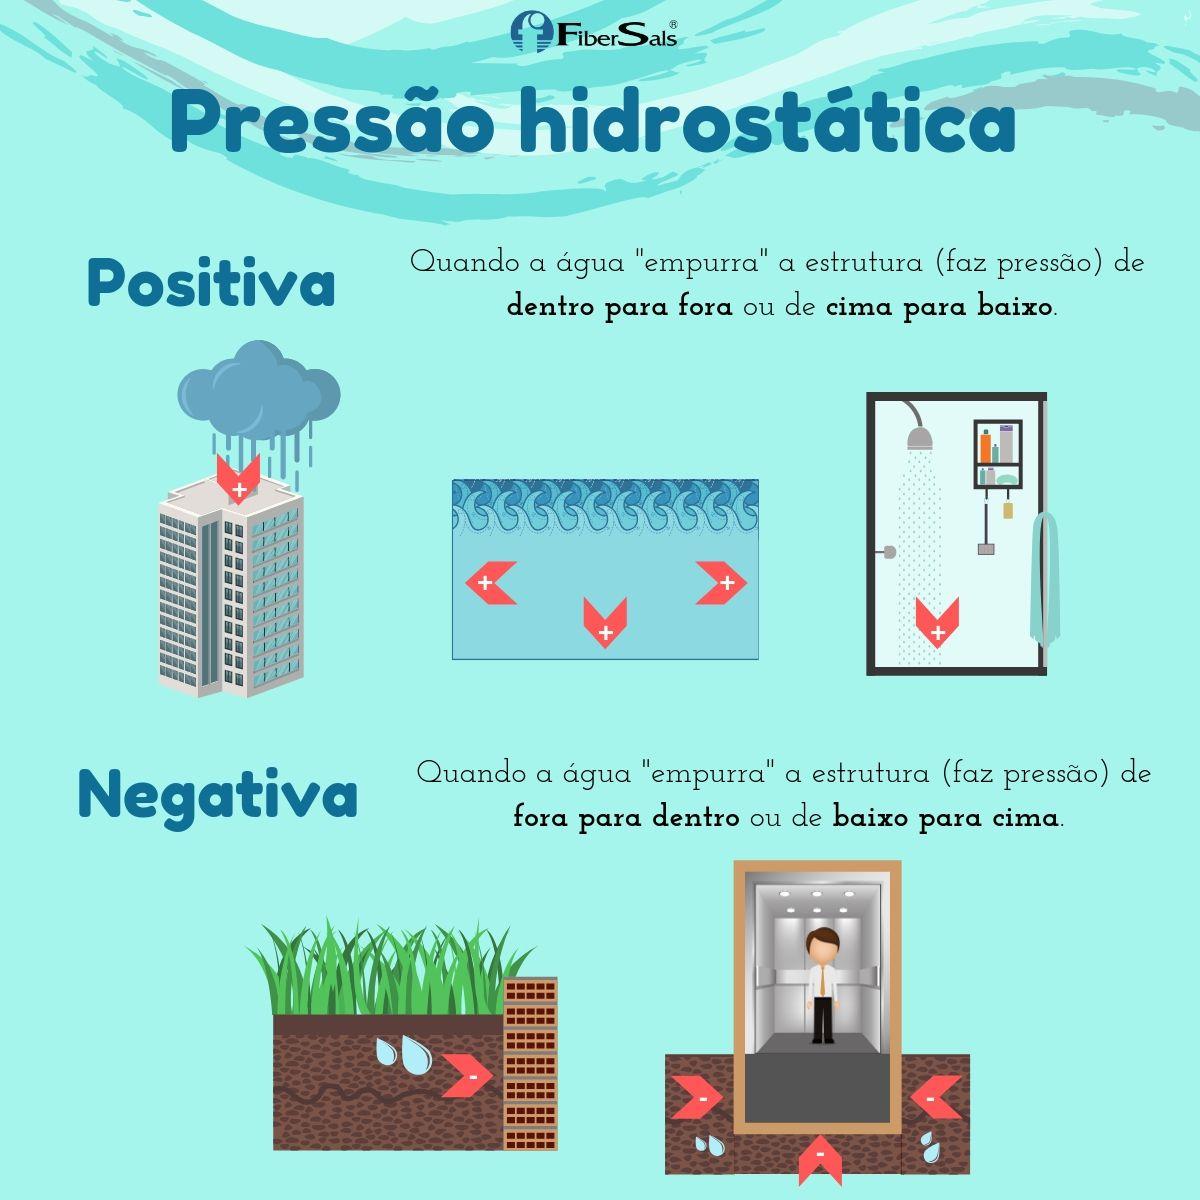 por que a impermeabilização falha? pressão hidrostática positiva e negativa